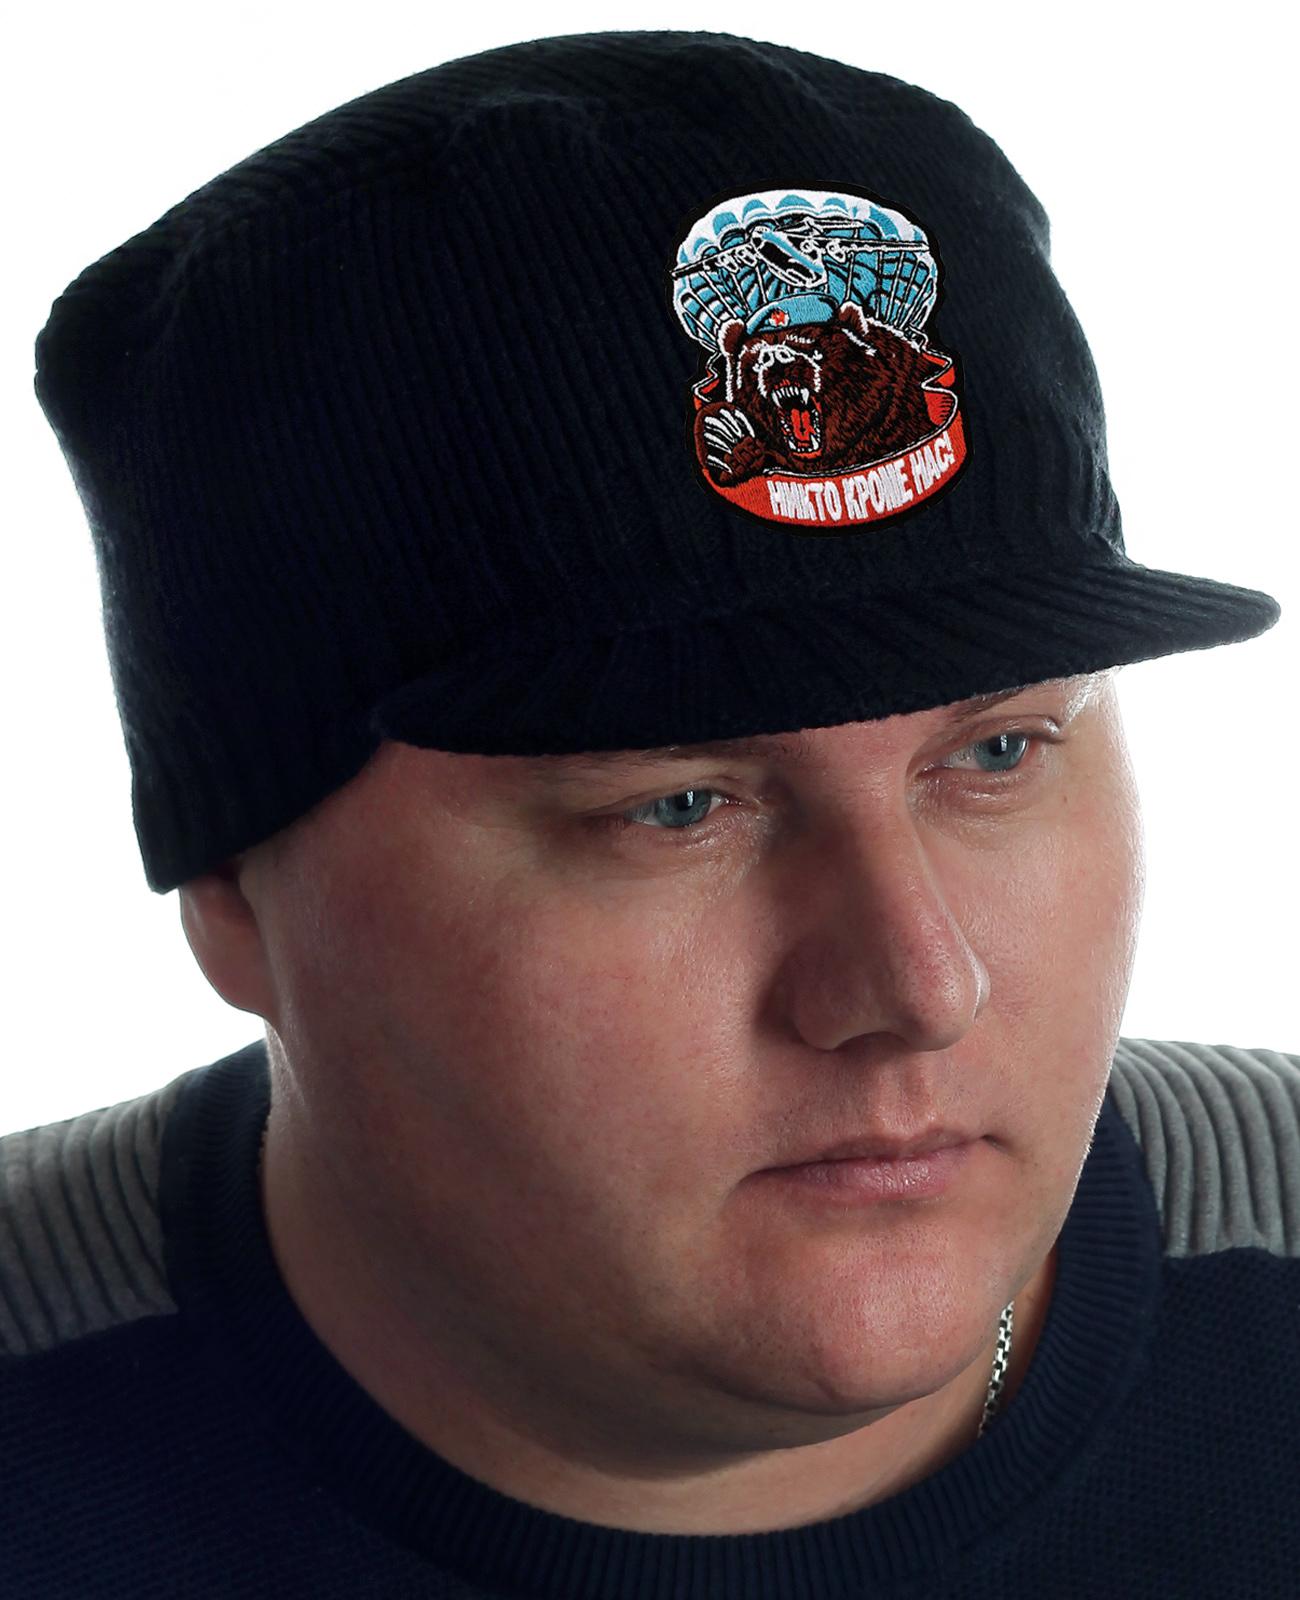 Теплые кепки по цене 699 рублей. Мужчины, вам понравится!